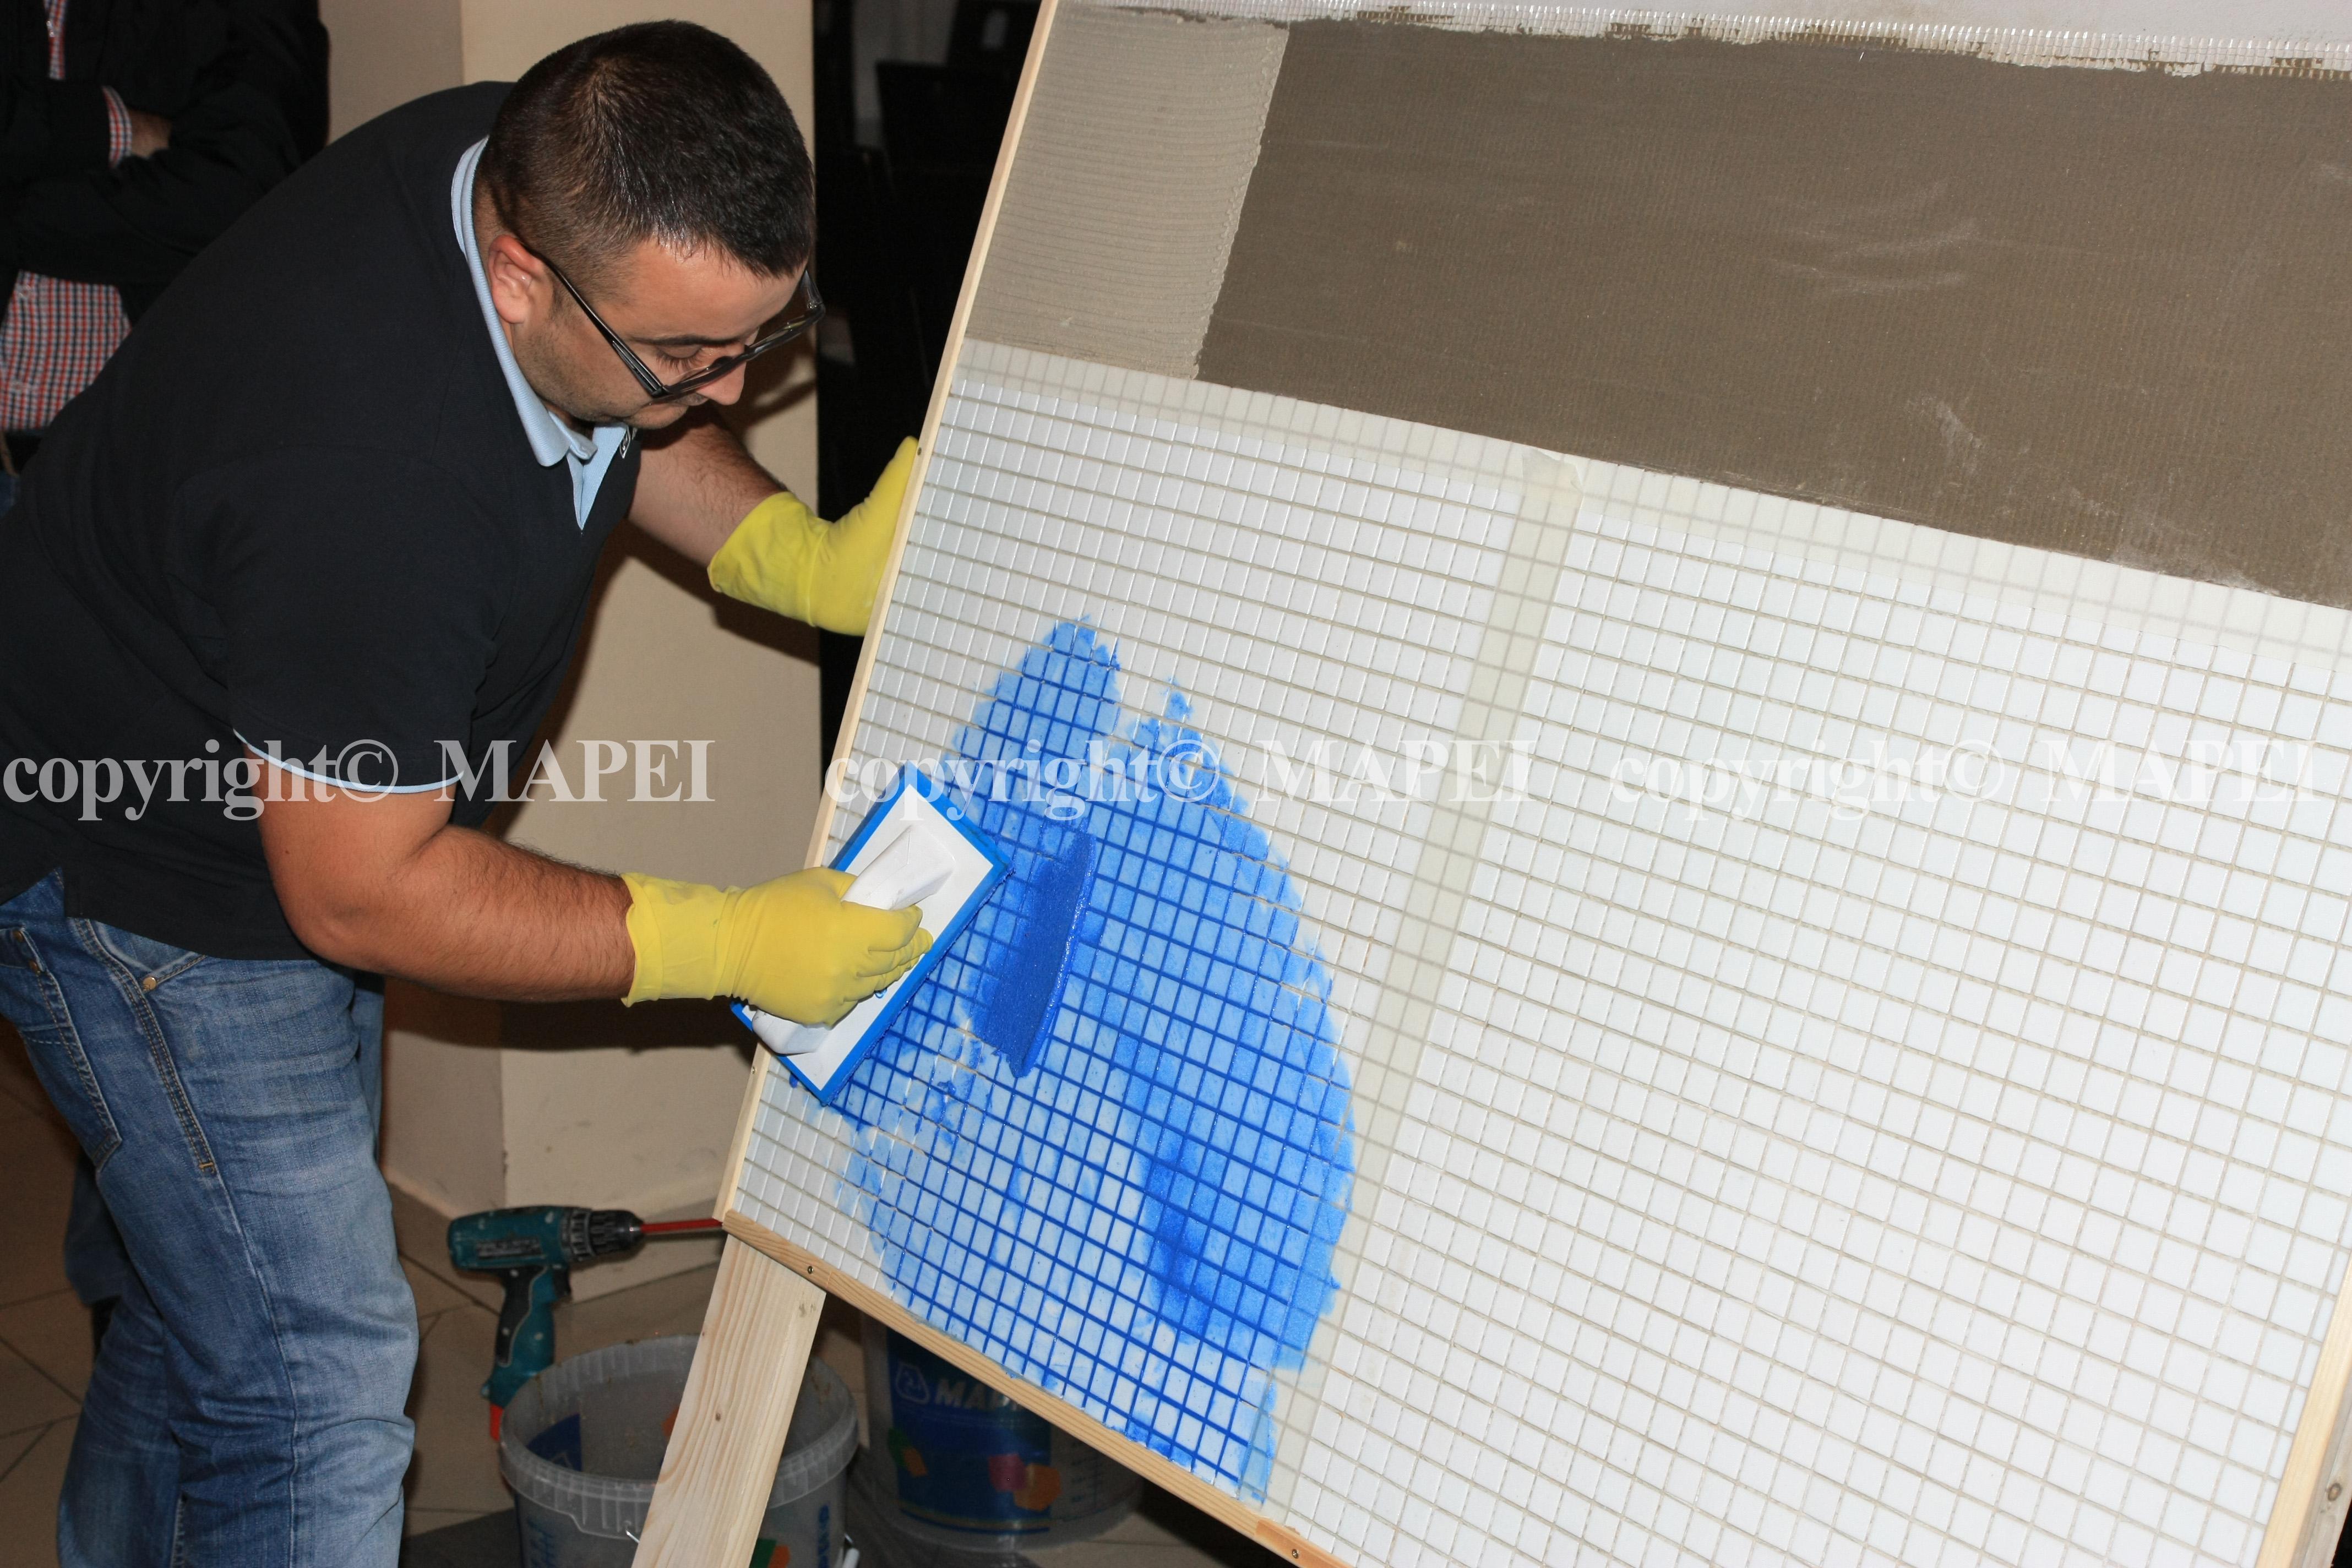 12. intinderea chitului in rosturi mozaic sticla cu spatula cauciucata MAPEI - Poza 12